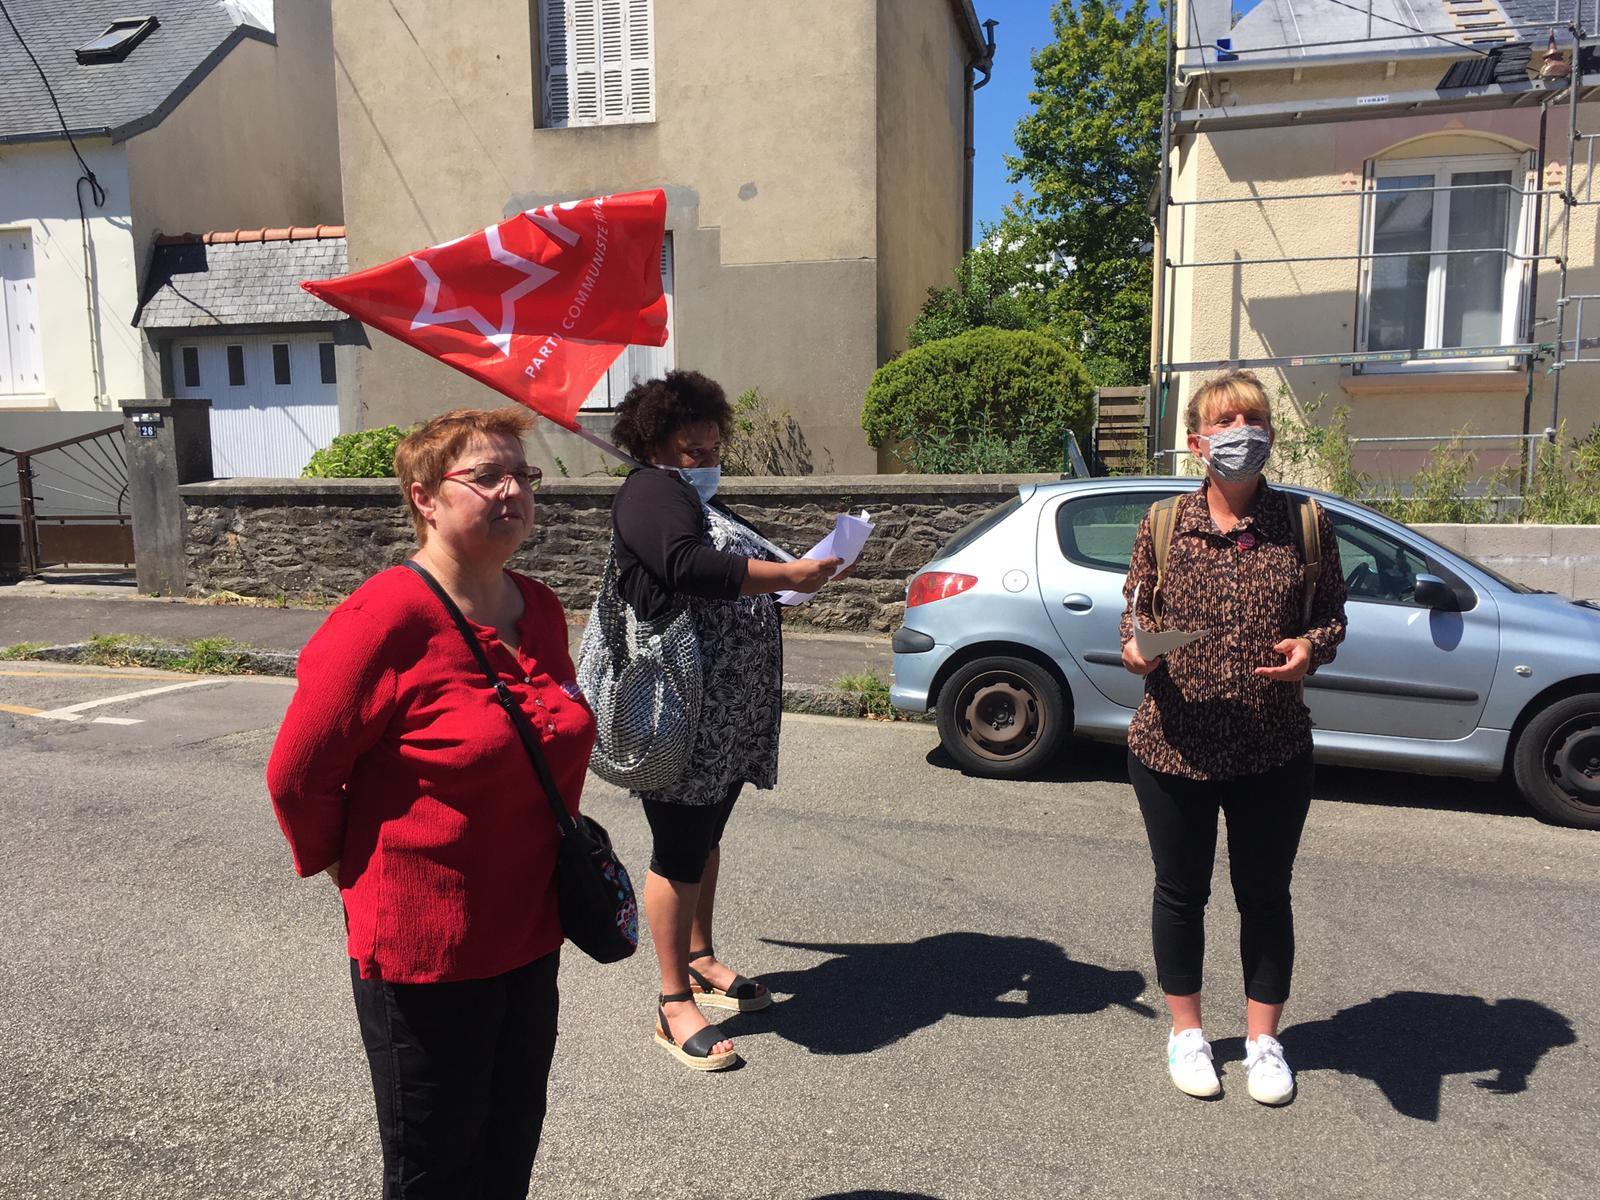 27 mai 2020 - la commission féminisme du PCF Finistère rend hommage à la résistante communiste brestoise Simone Moreau en rebaptisant symboliquement une rue